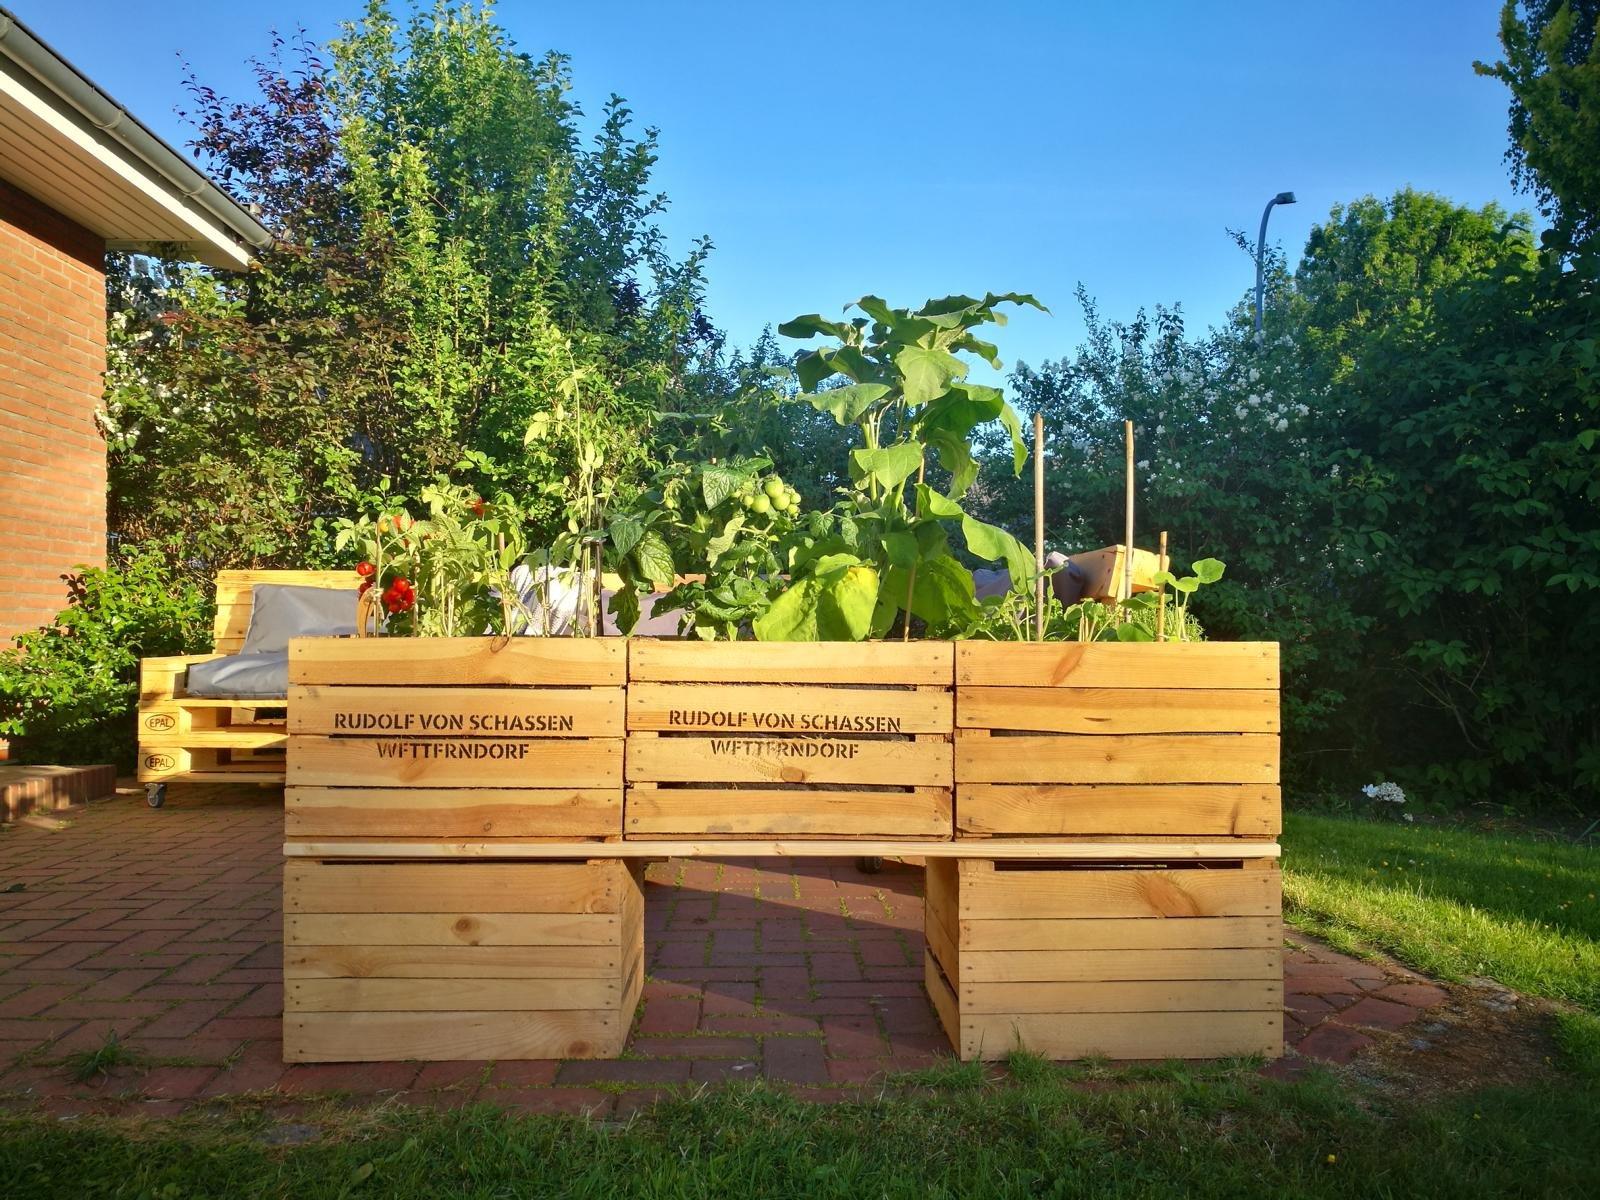 hochbeet mit europaletten bauen hochbeet paletten bauen gemuese hochbeet bau deko bepflanzung. Black Bedroom Furniture Sets. Home Design Ideas